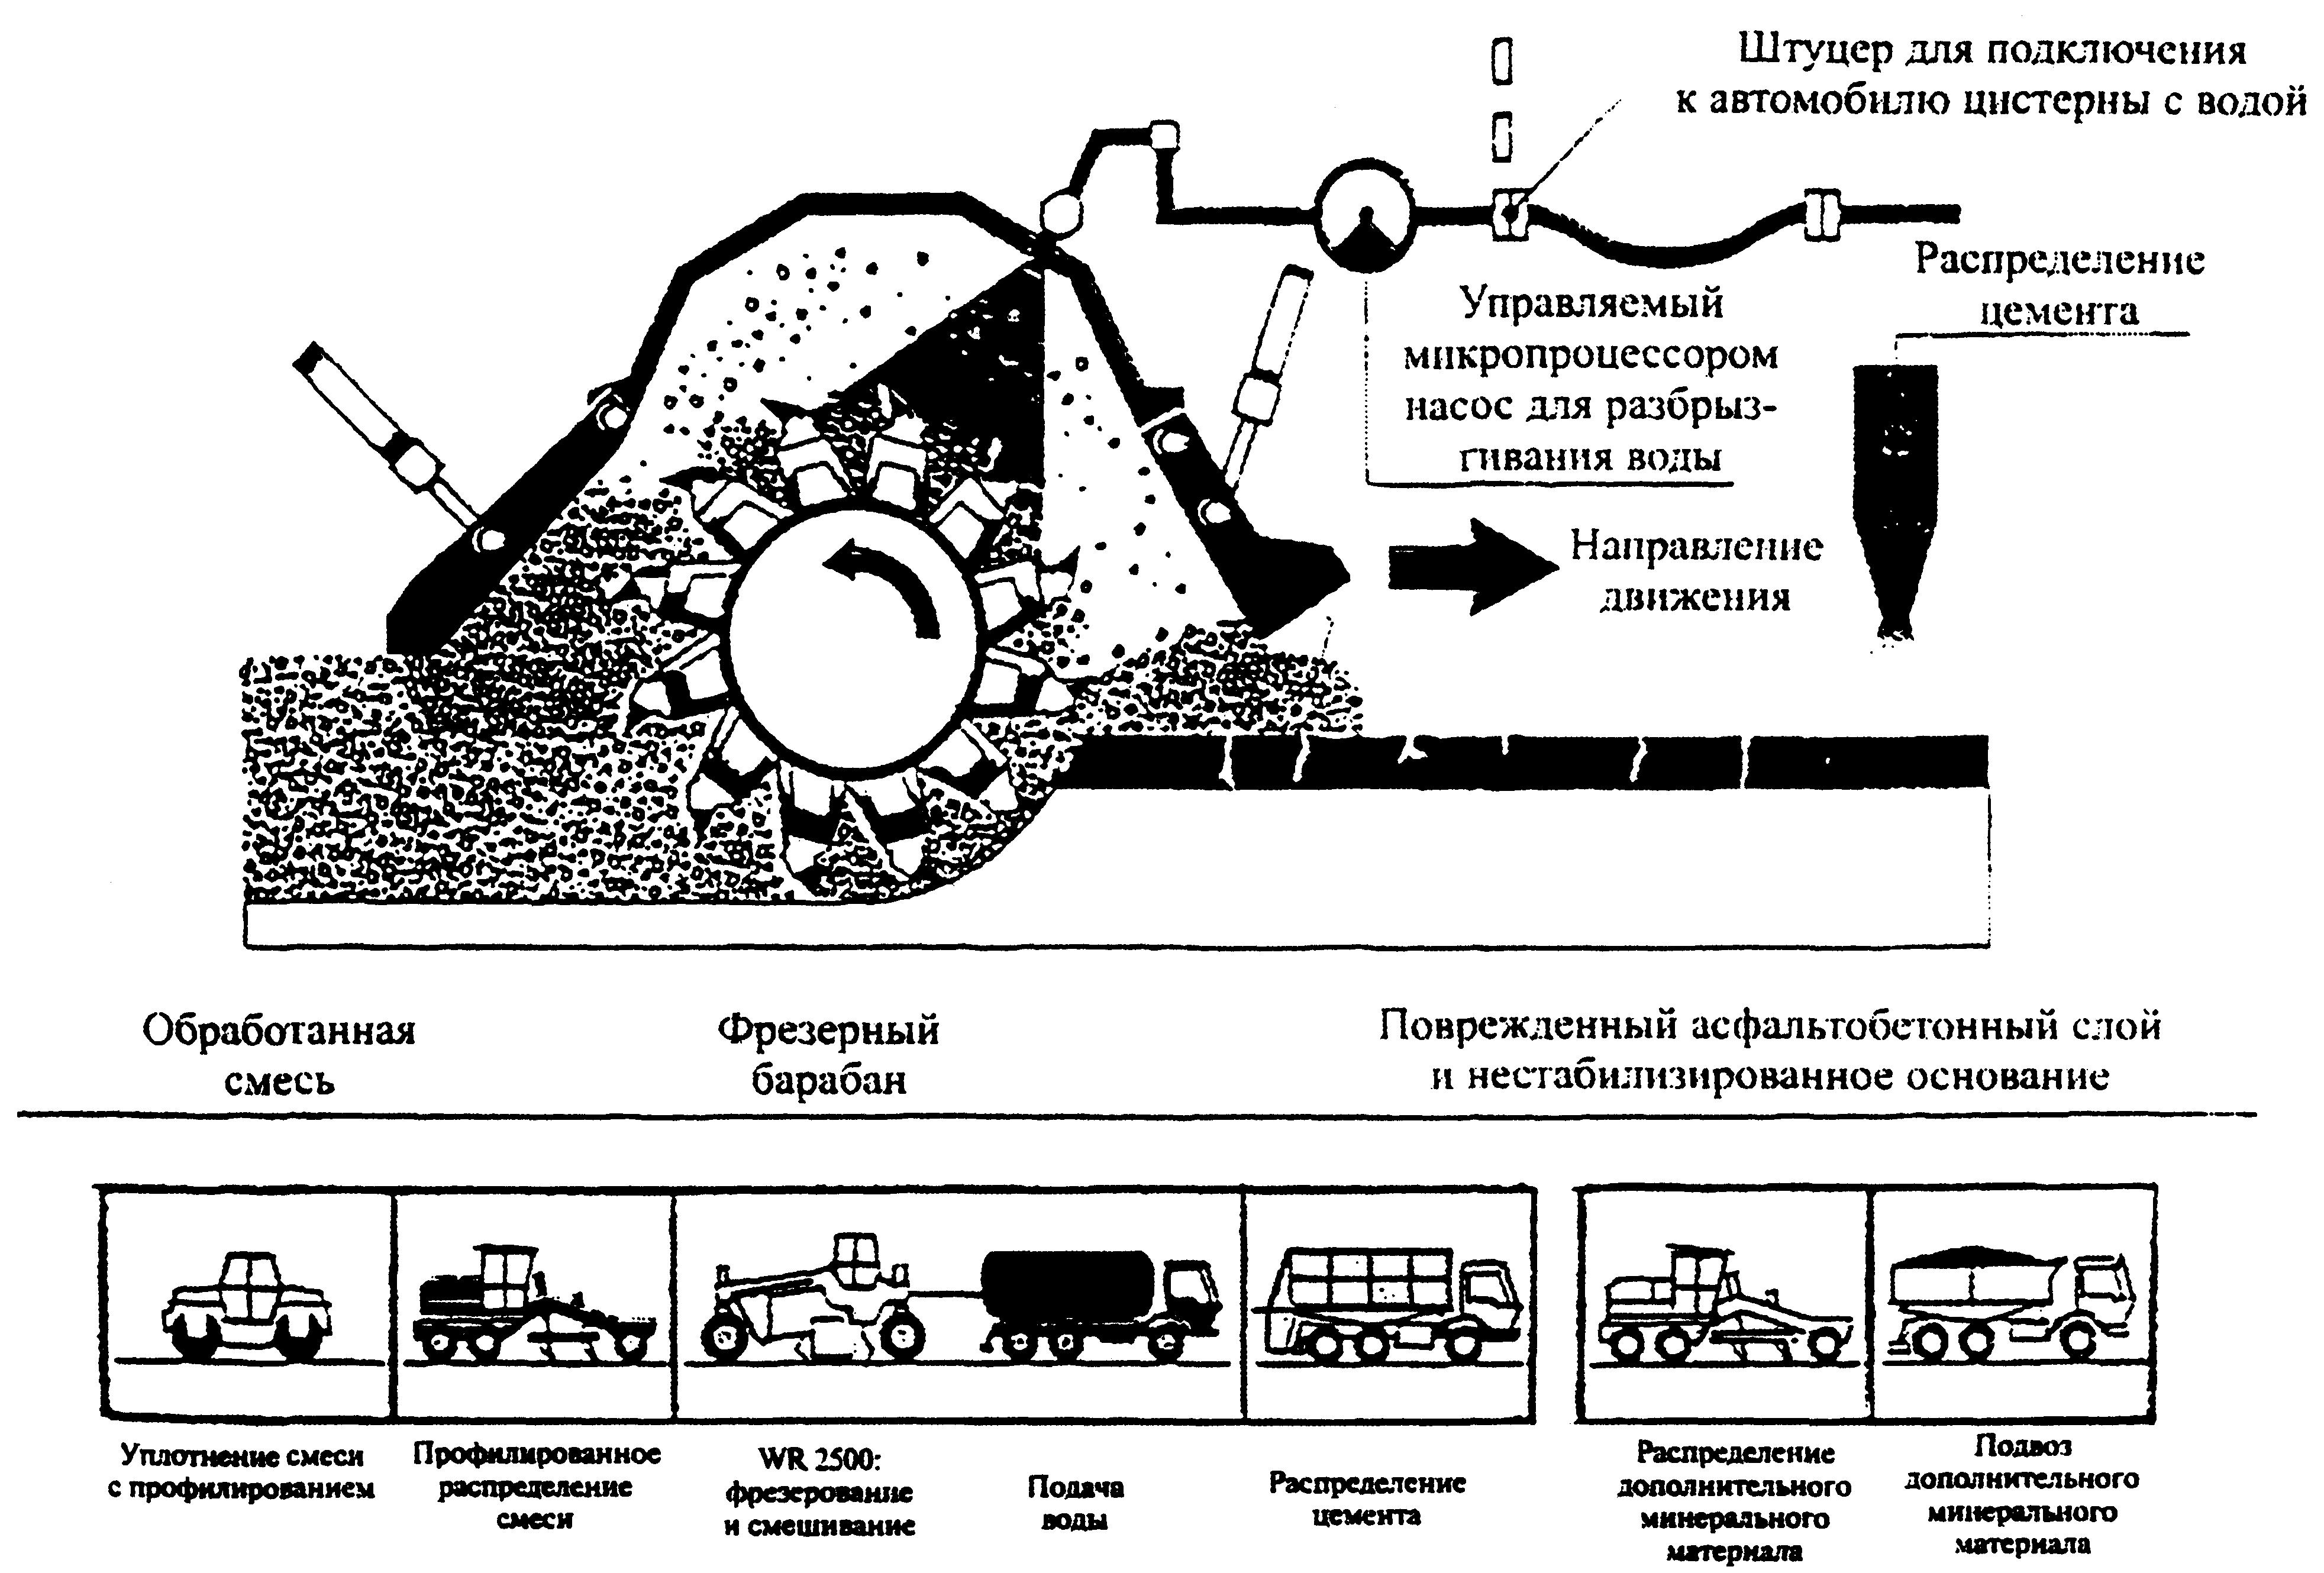 Технологическая схема асфальтобетонного покрытия